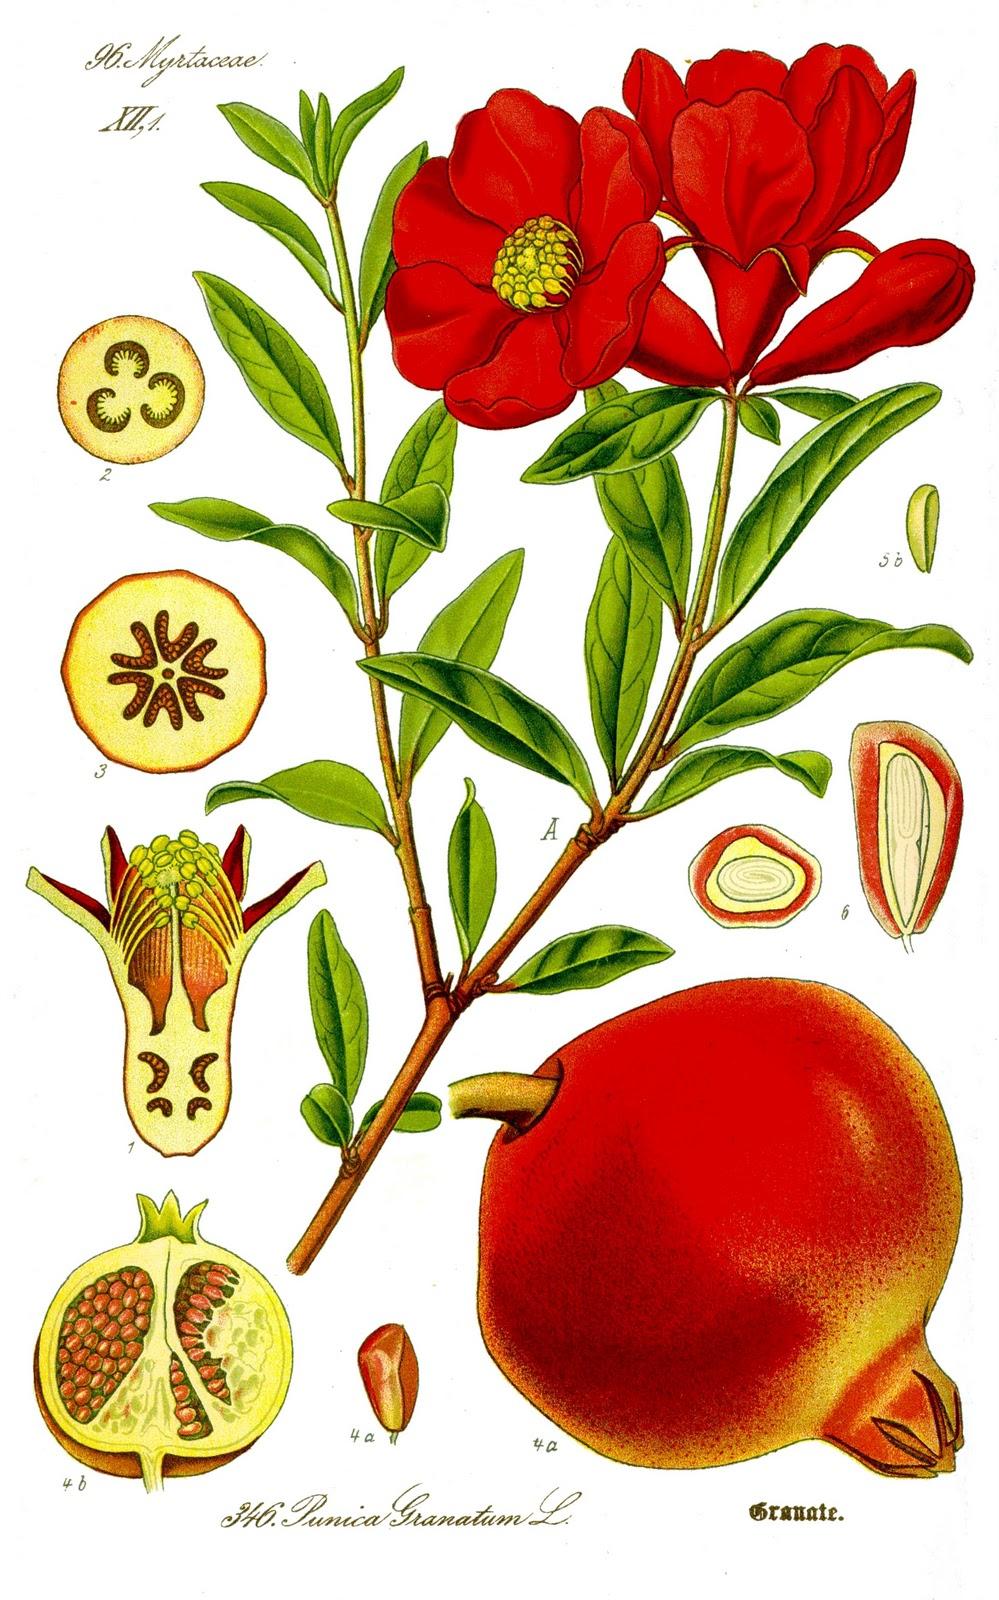 1000+ images about botanic ilustration on Pinterest.